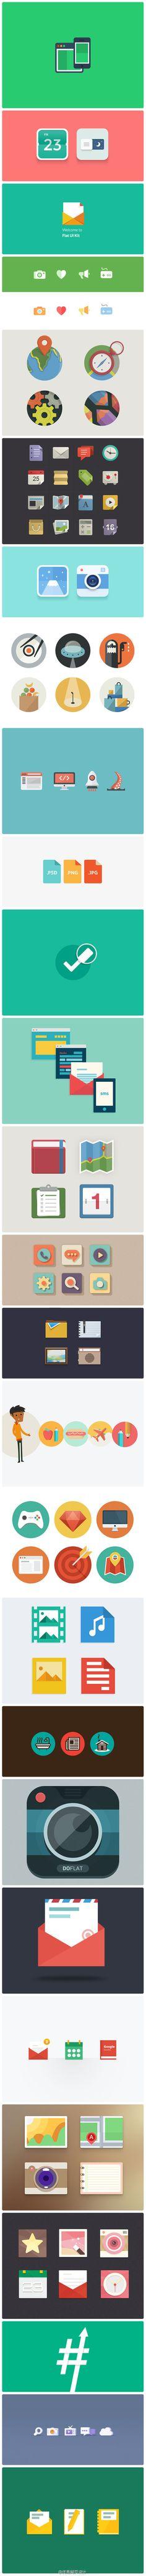 #flat #icons - Flat Icons